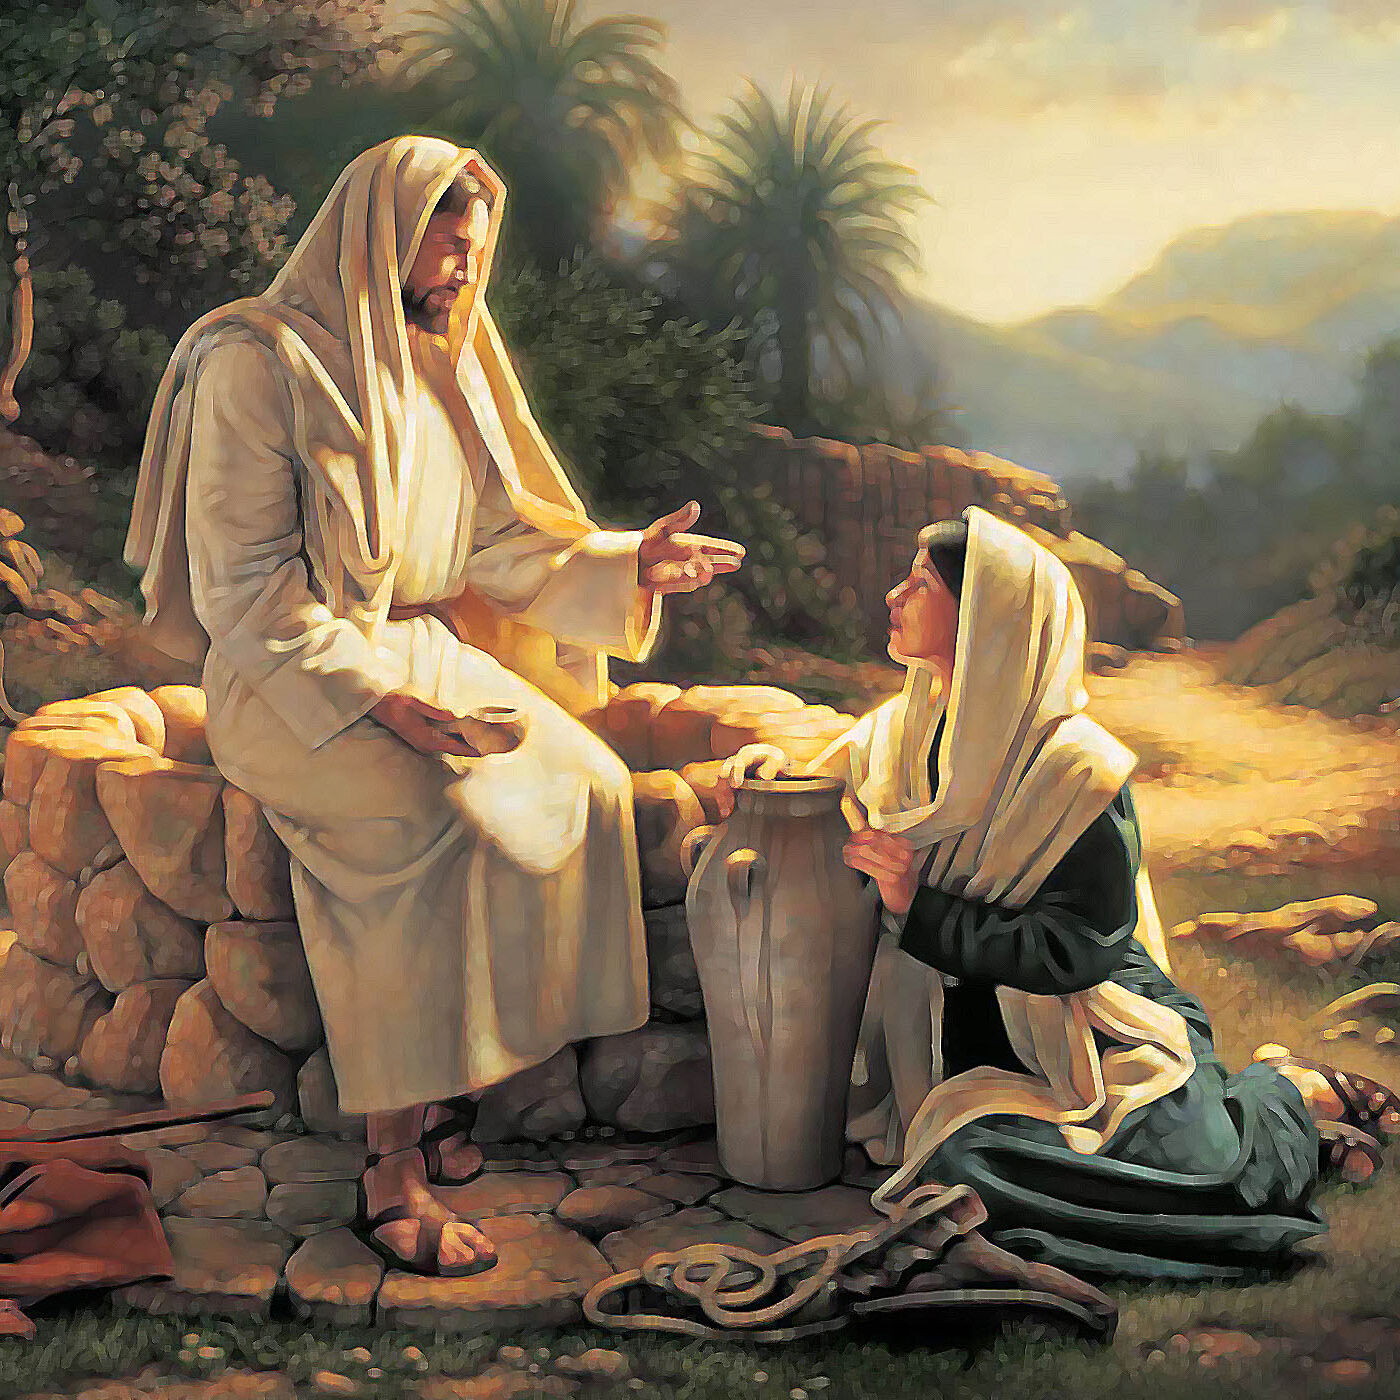 riflessioni sul Vangelo di Martedì 29 Dicembre 2020 (Lc 2, 22-35) - Apostola Cherise